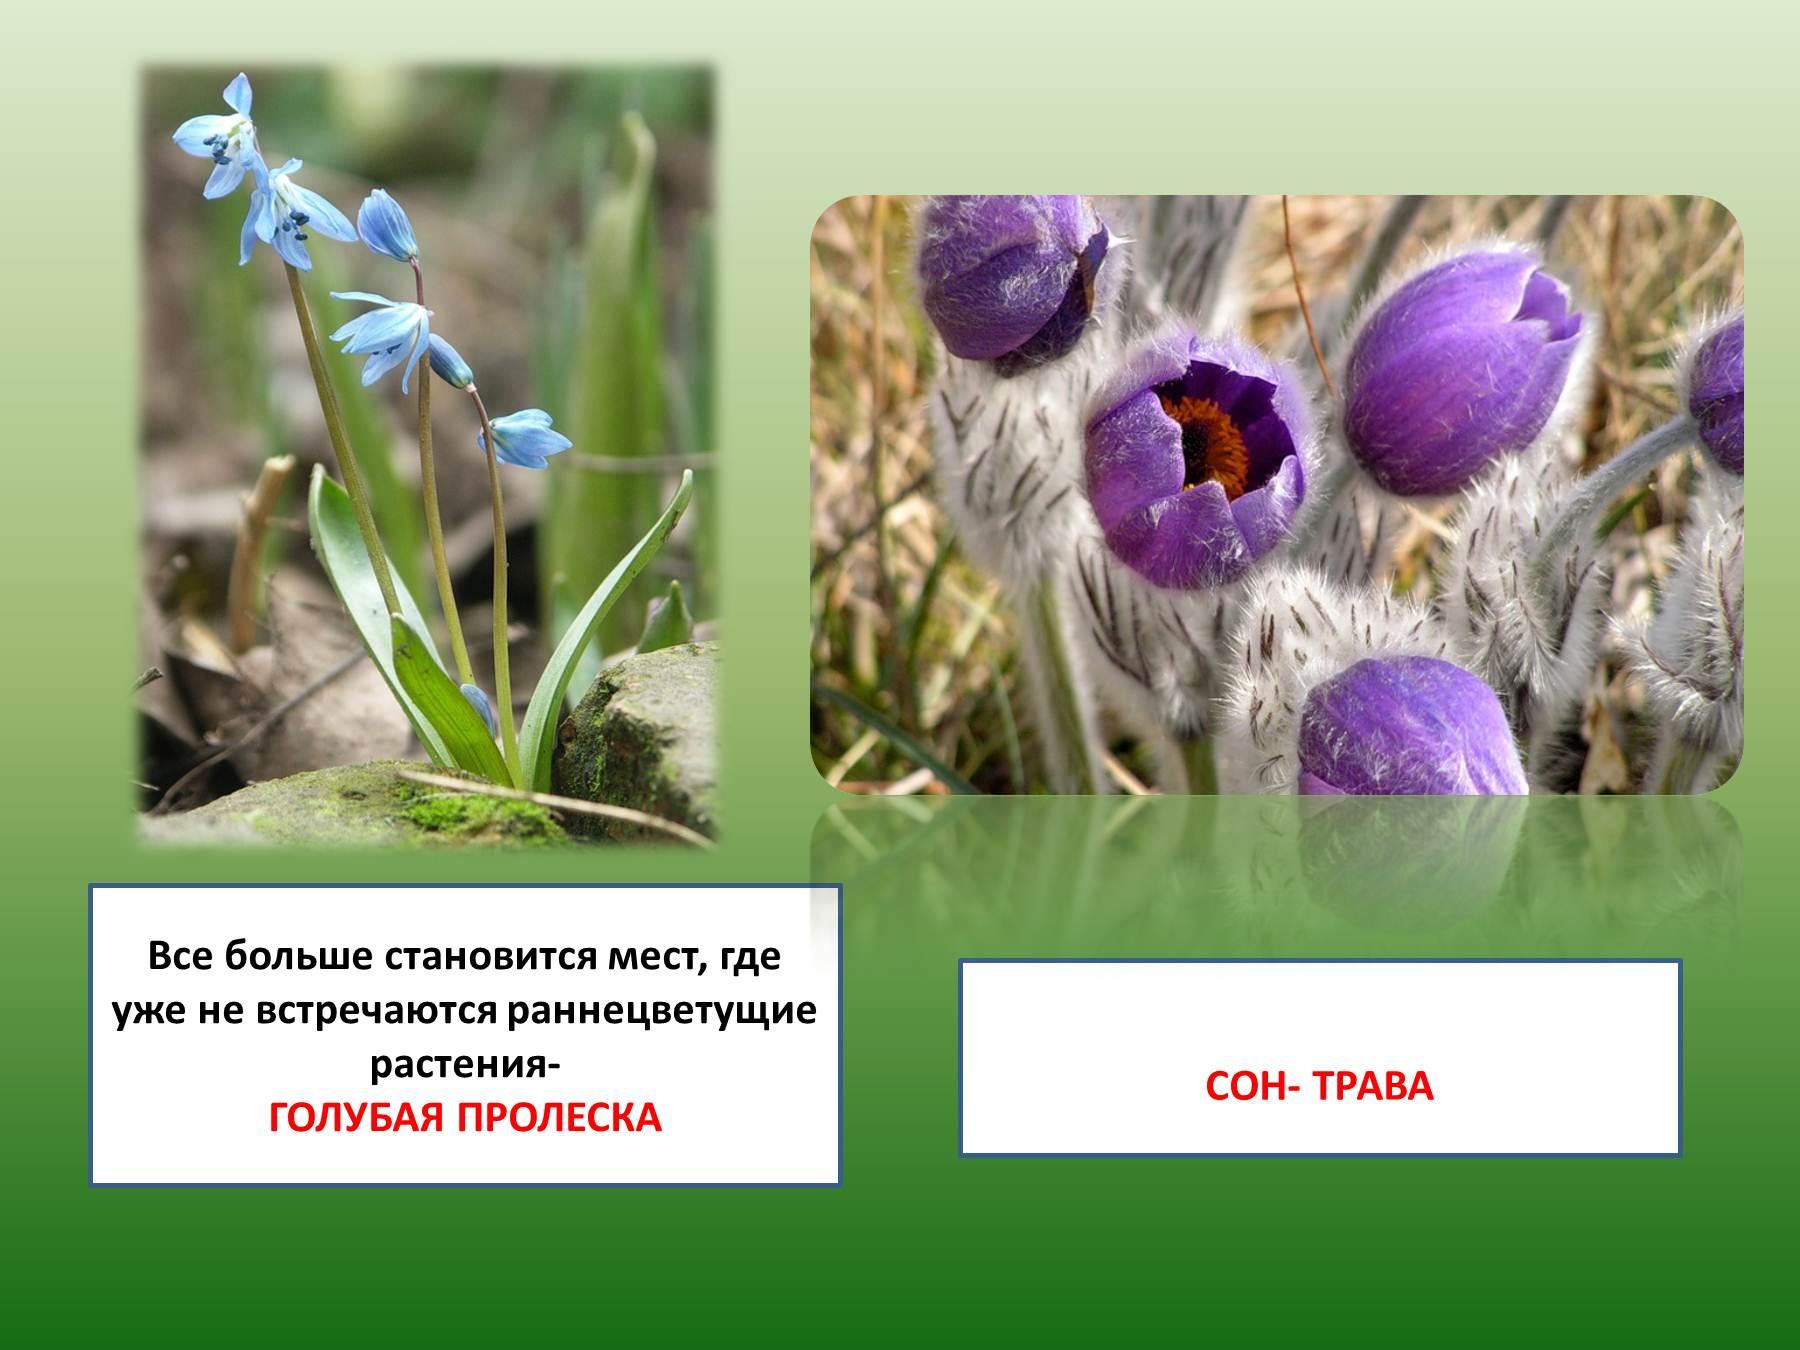 Фотографии растений которые нуждаются в охране